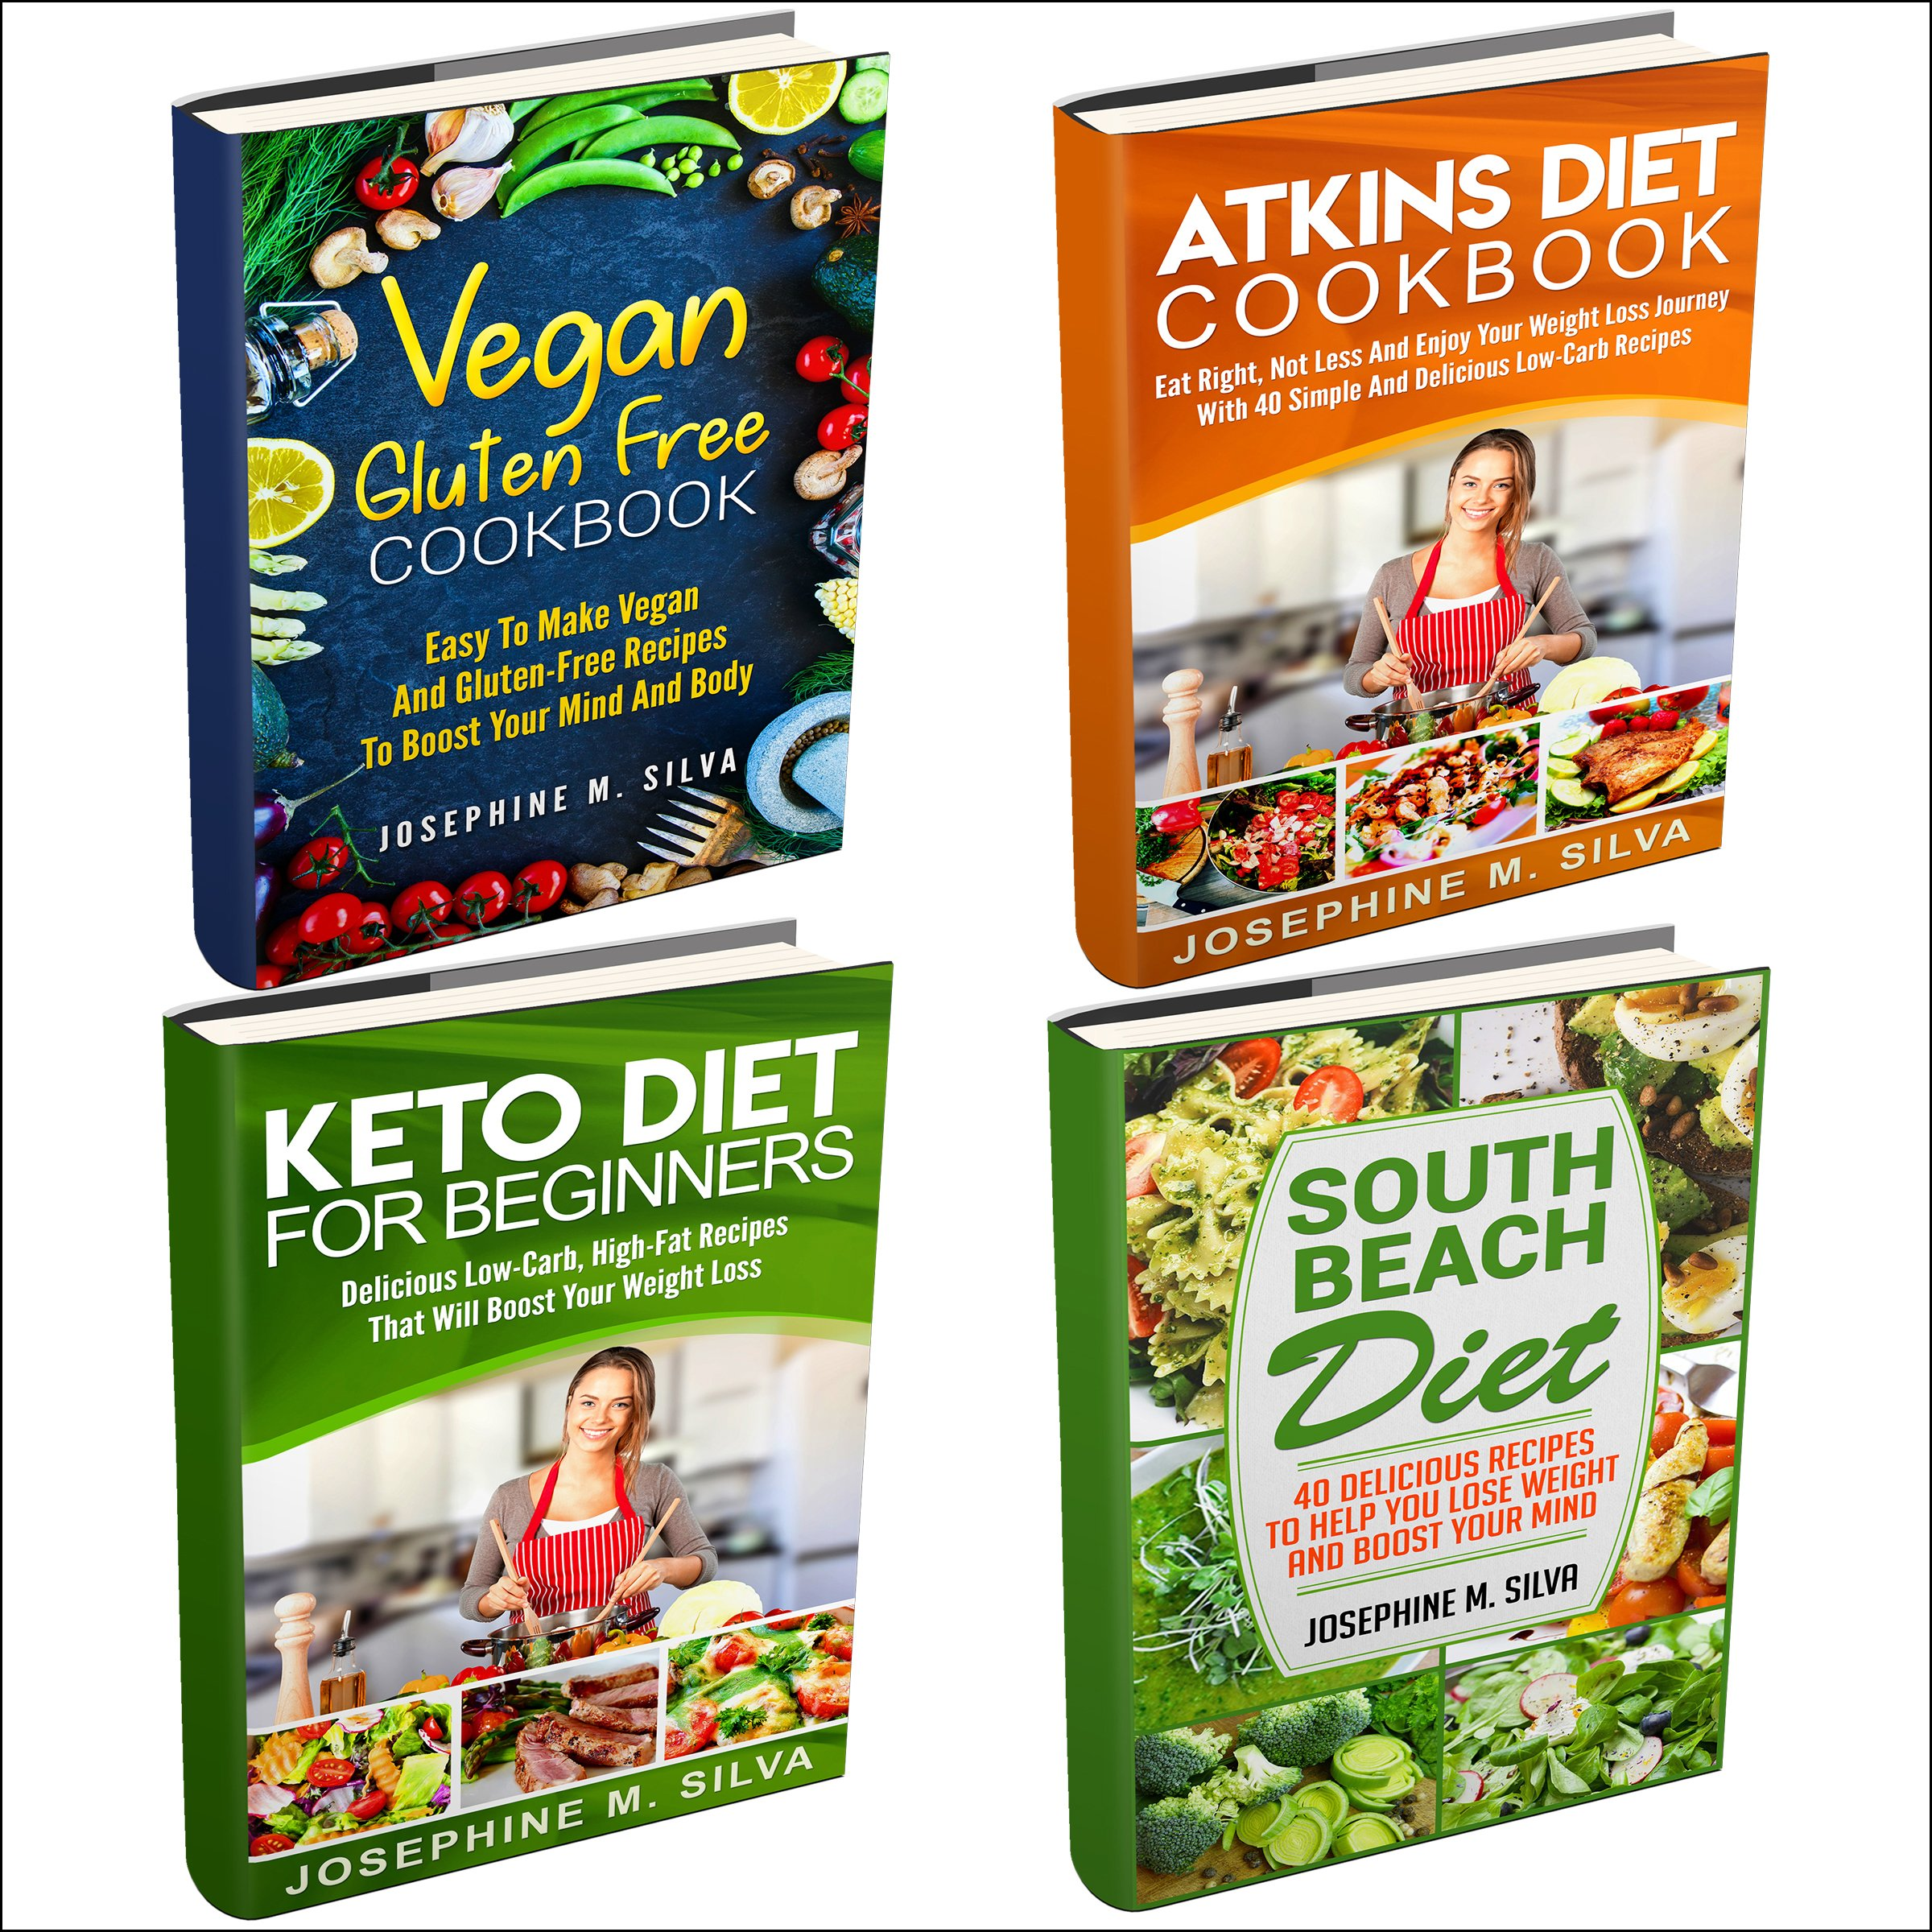 Weight Loss Diet Plans: 4 Manuscripts: Vegan Gluten Free Cookbook, Atkins Diet Cookbook, Keto Diet for Beginners, South Beach Diet